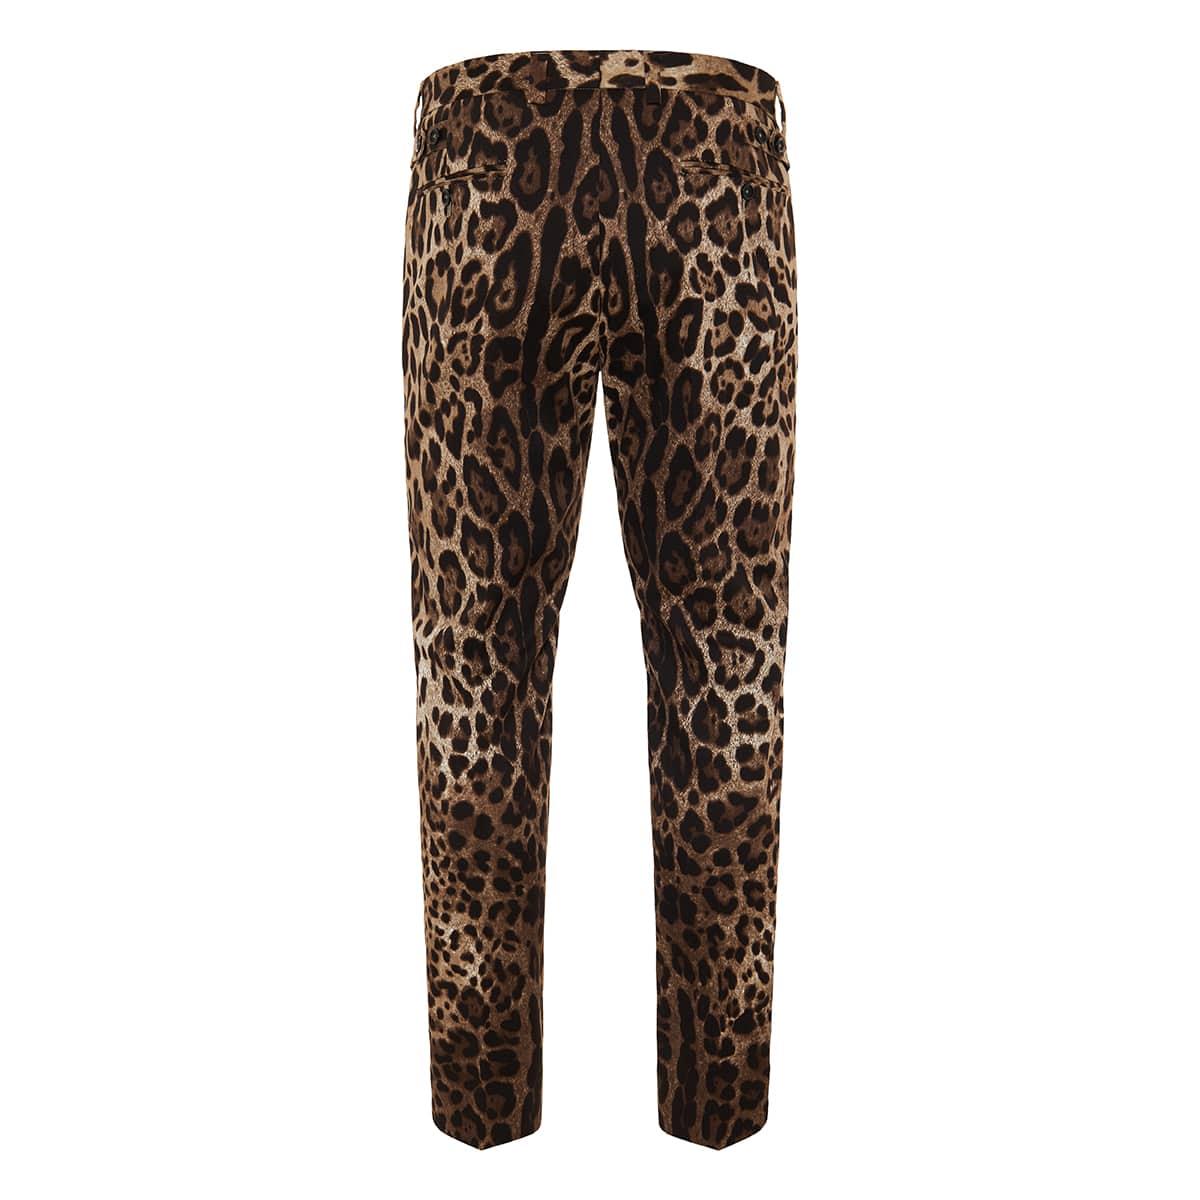 Leopard print cotton trousers